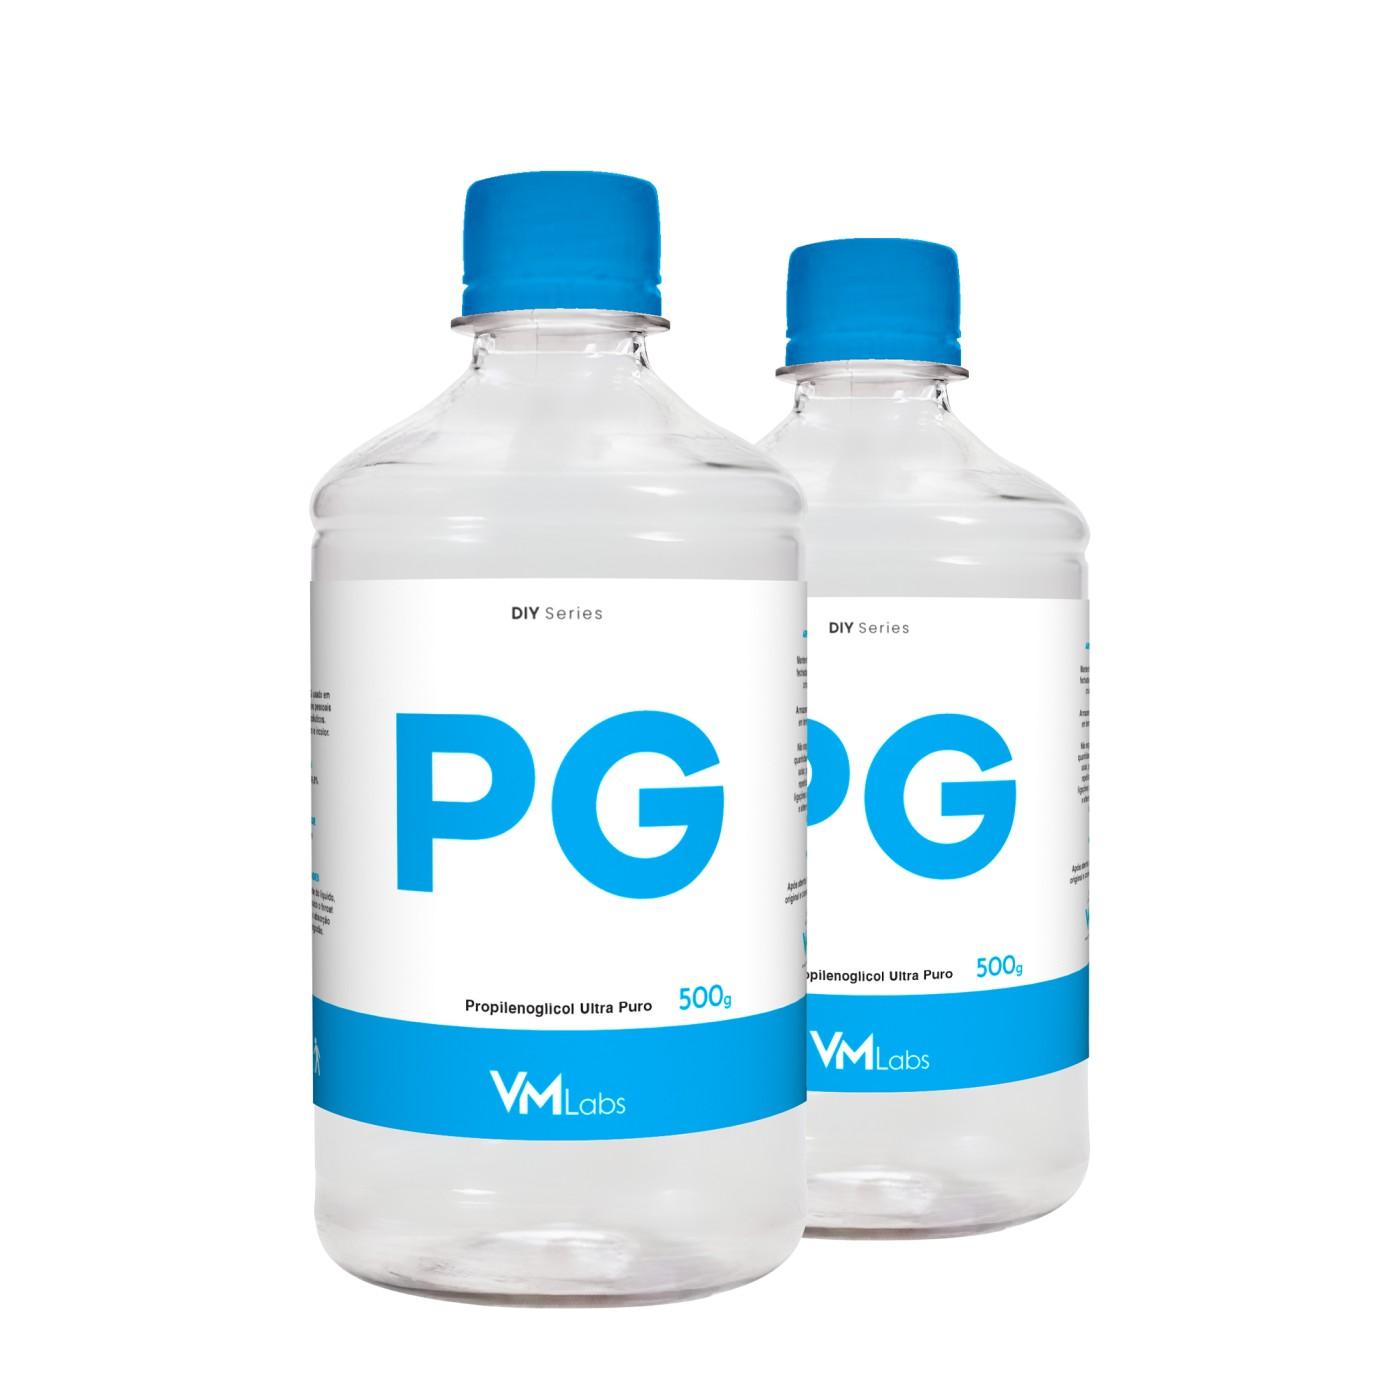 KIT PG USP (1KG)